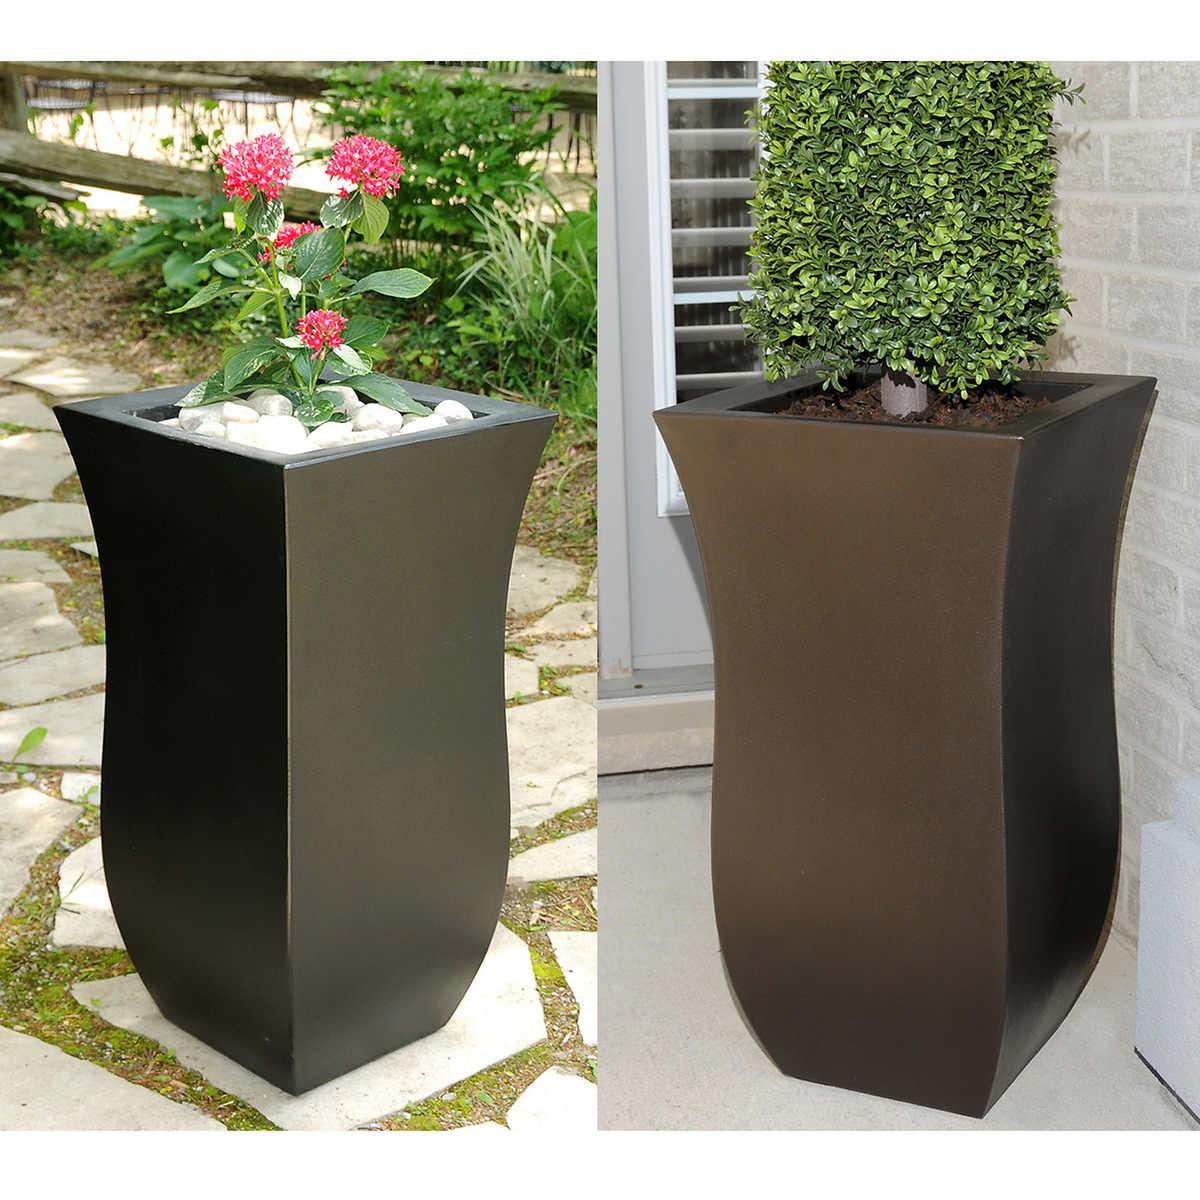 Flower vase kijiji - Valencia Patio Planter